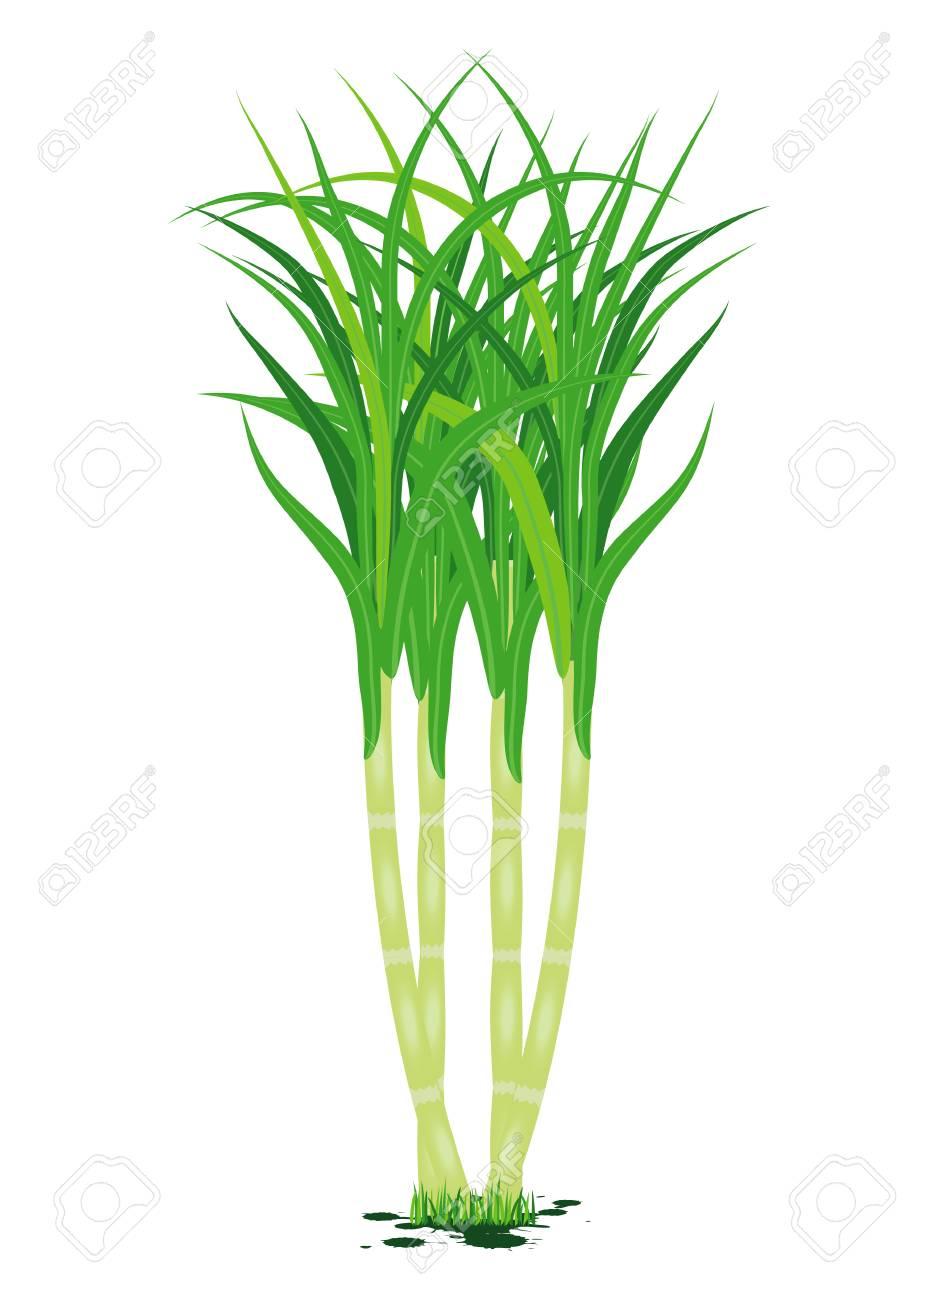 sugarcane plant vector design - 89989573